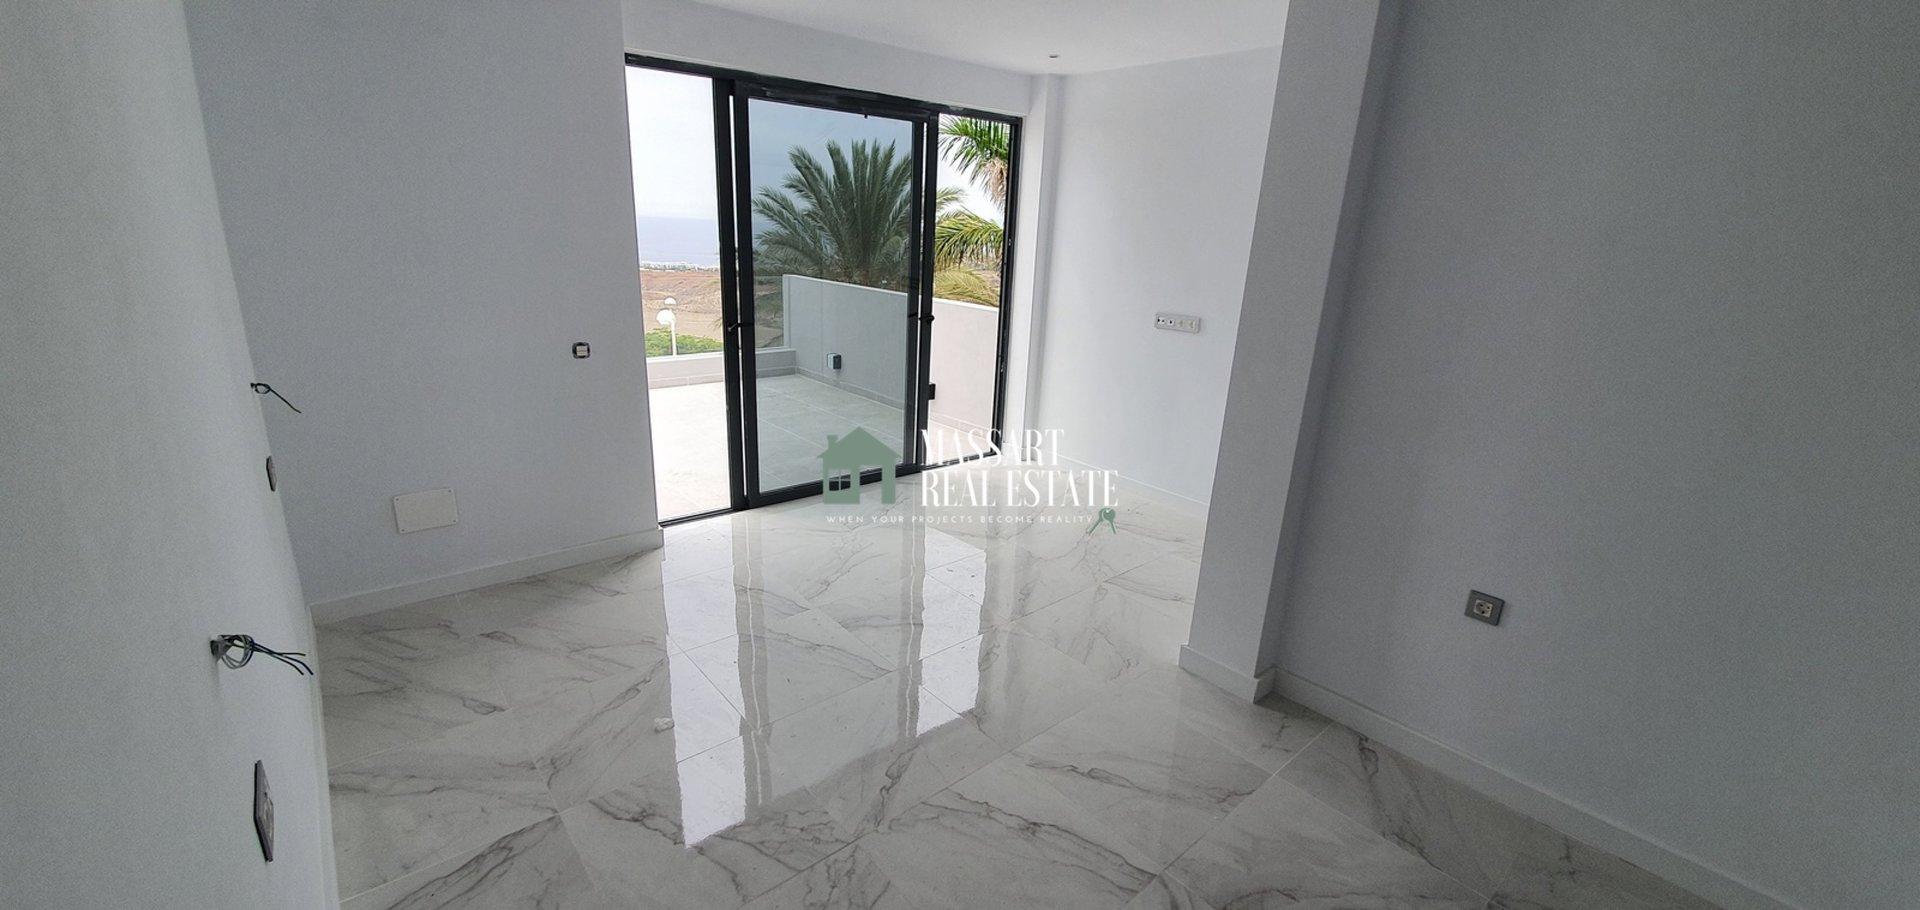 Zum Verkauf in der privilegierten Gegend von El Galeón (Adeje), moderne Villa komplett renoviert und verbessert.